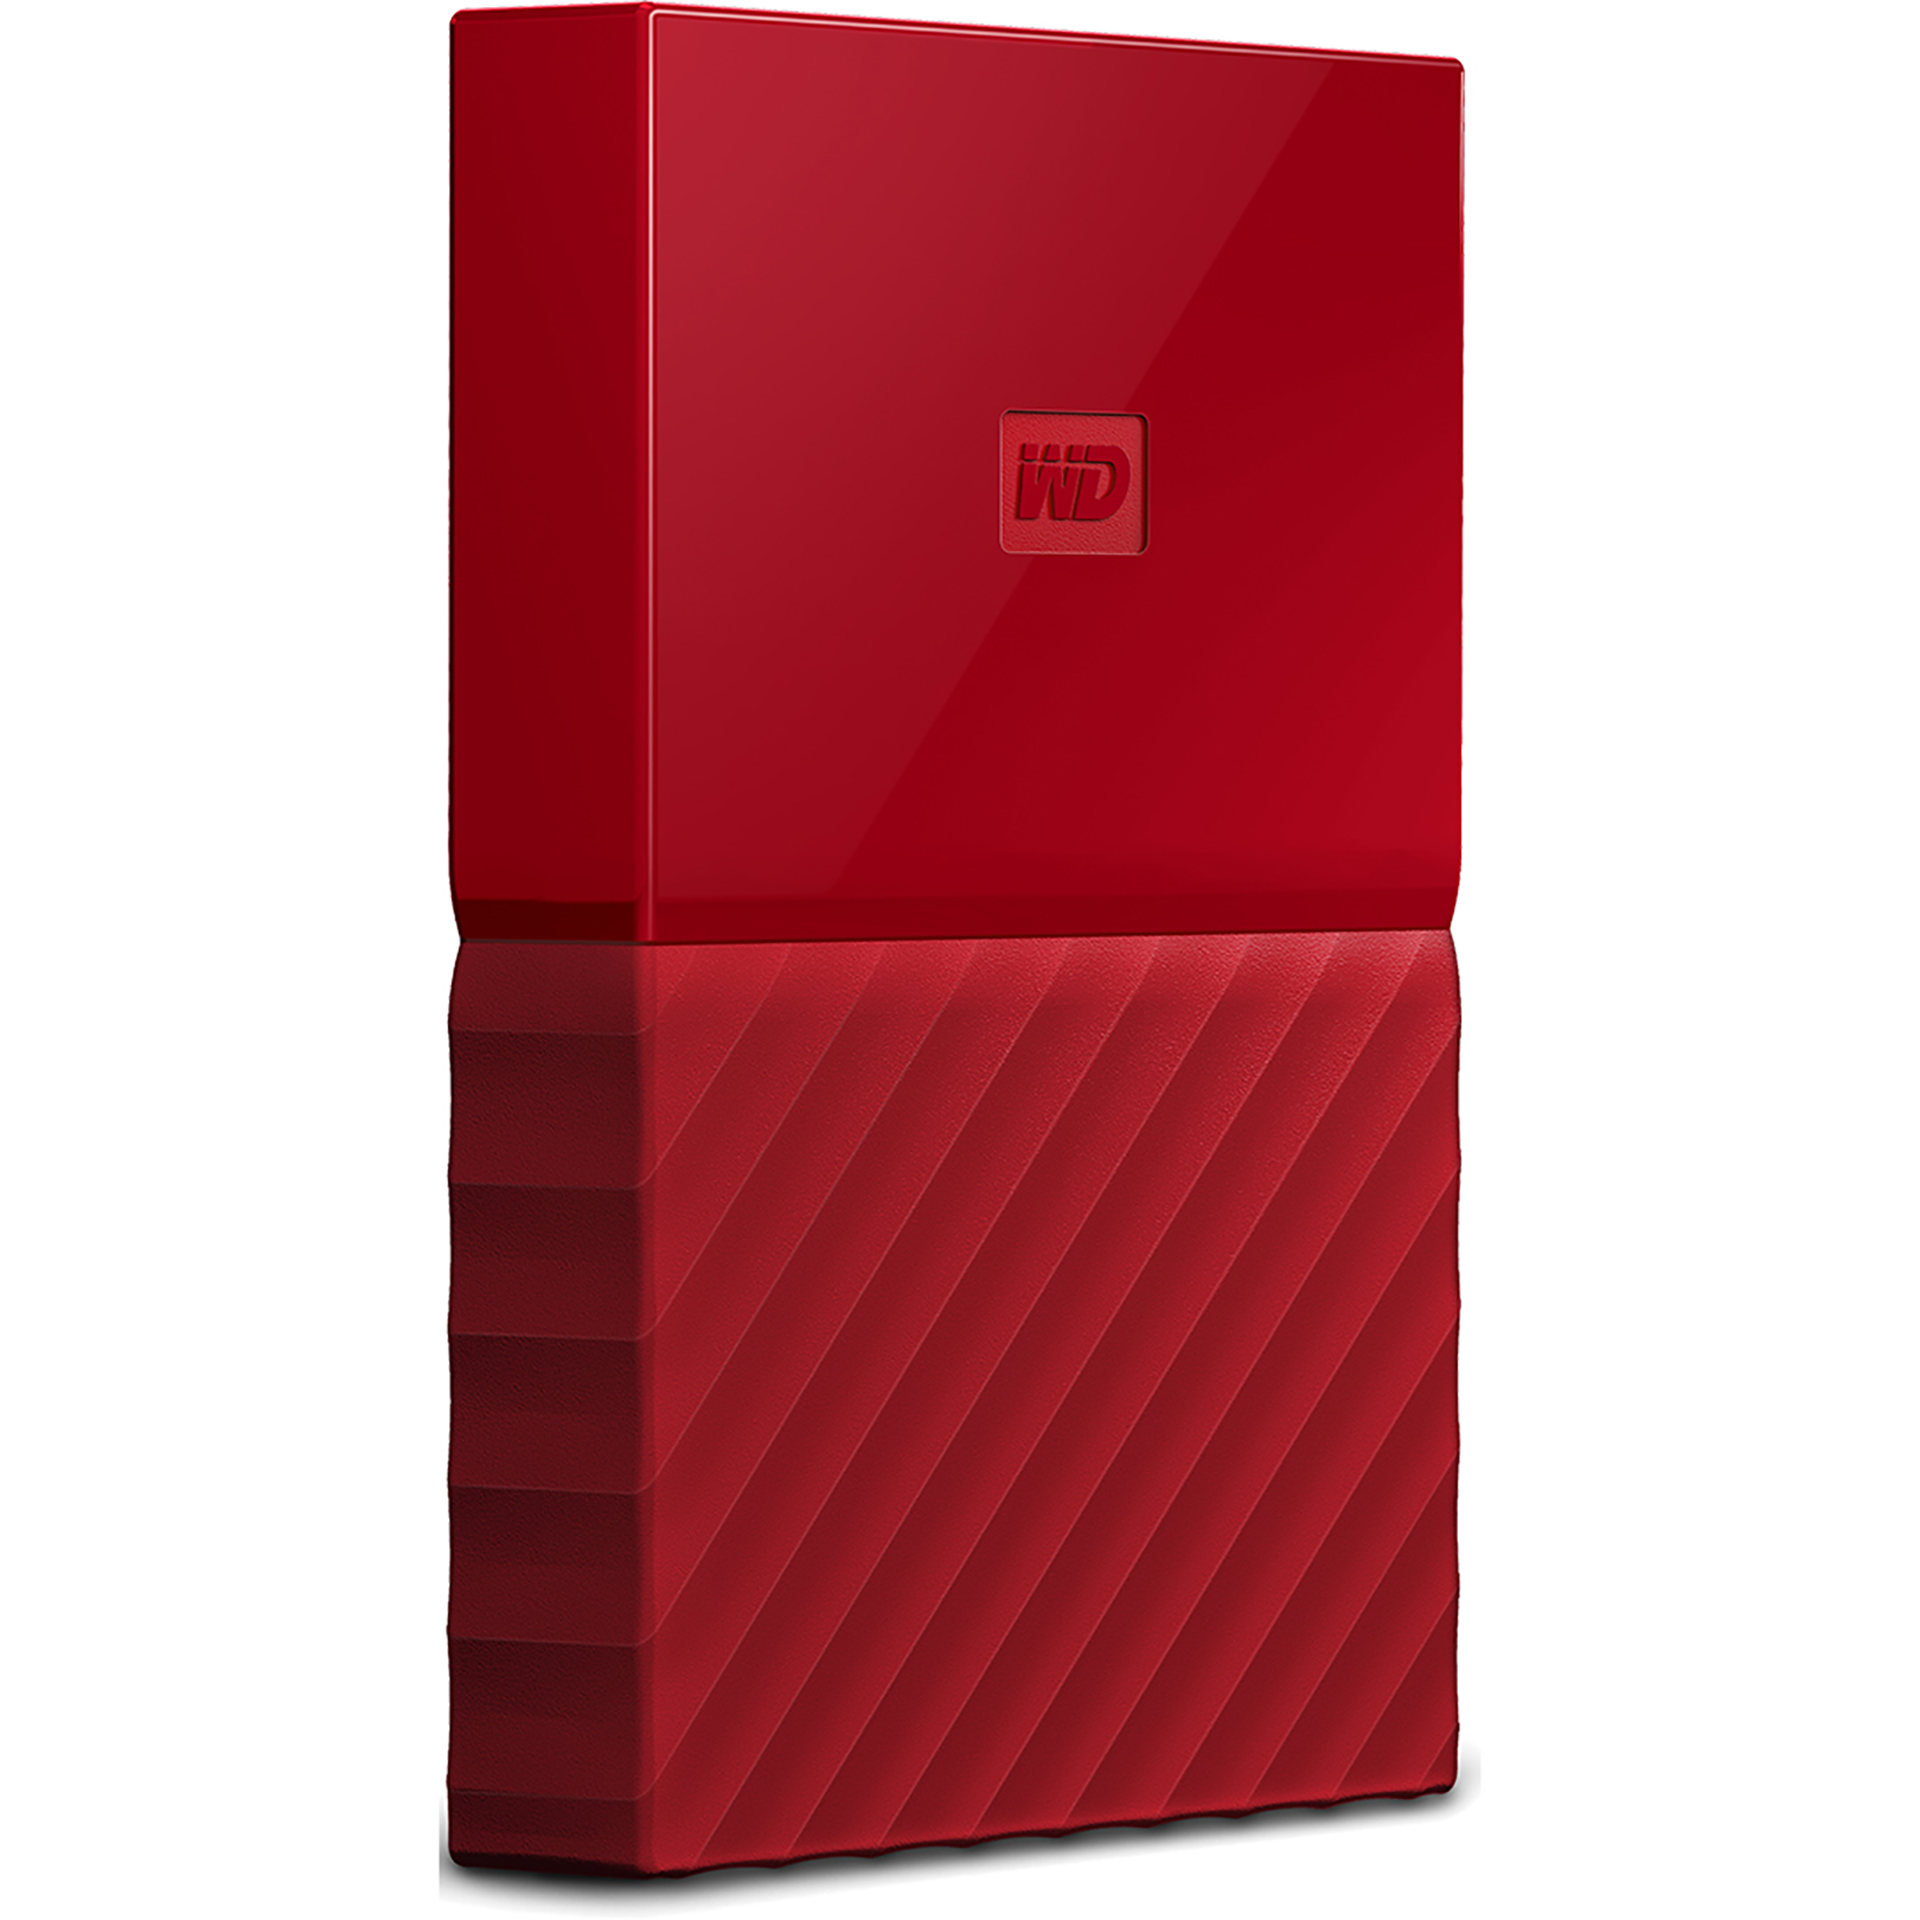 väline kõvaketas Western Digital My Passport  2 TB (punane)